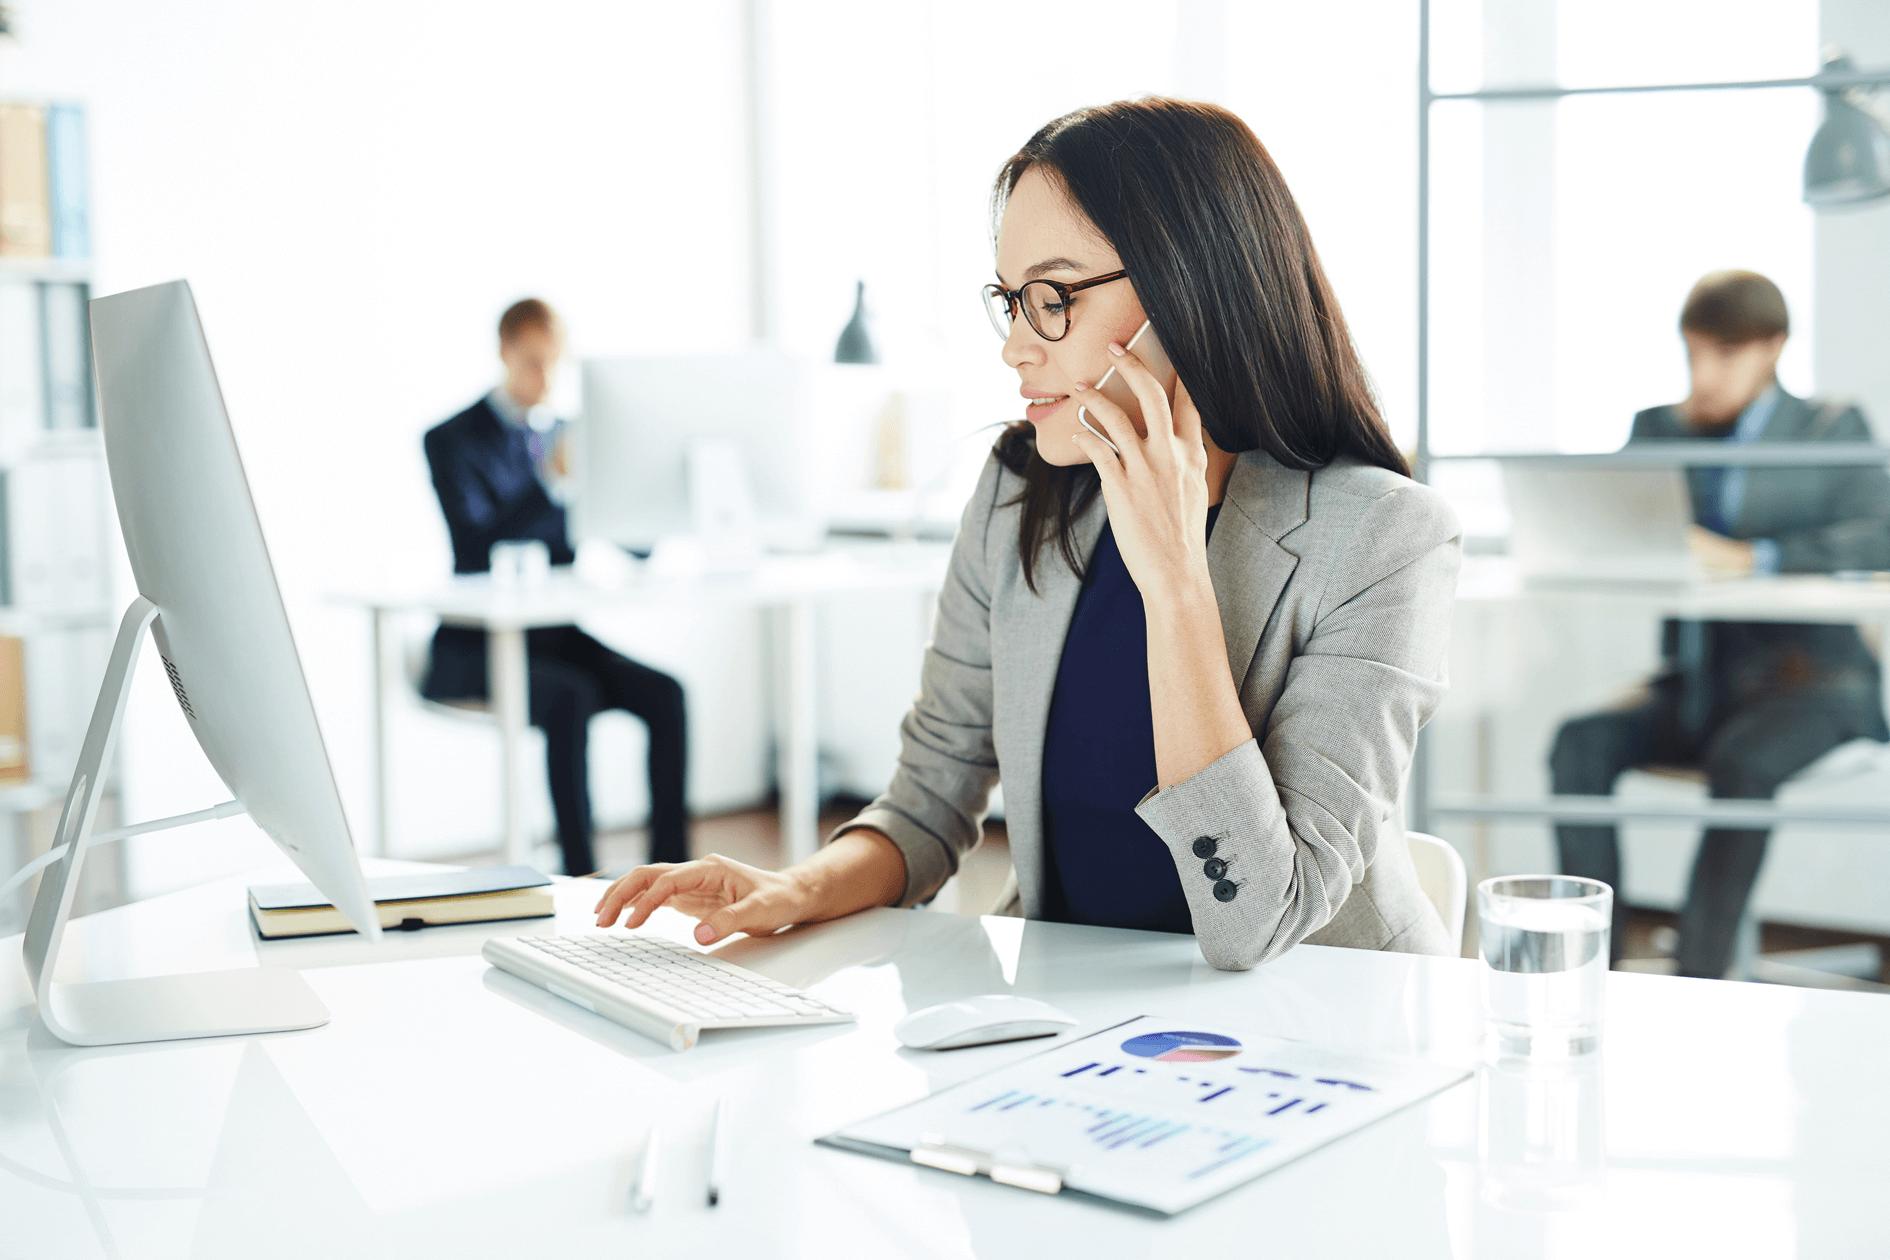 De slimste organisaties van NL | Hoe datagedreven is jouw organisatie?